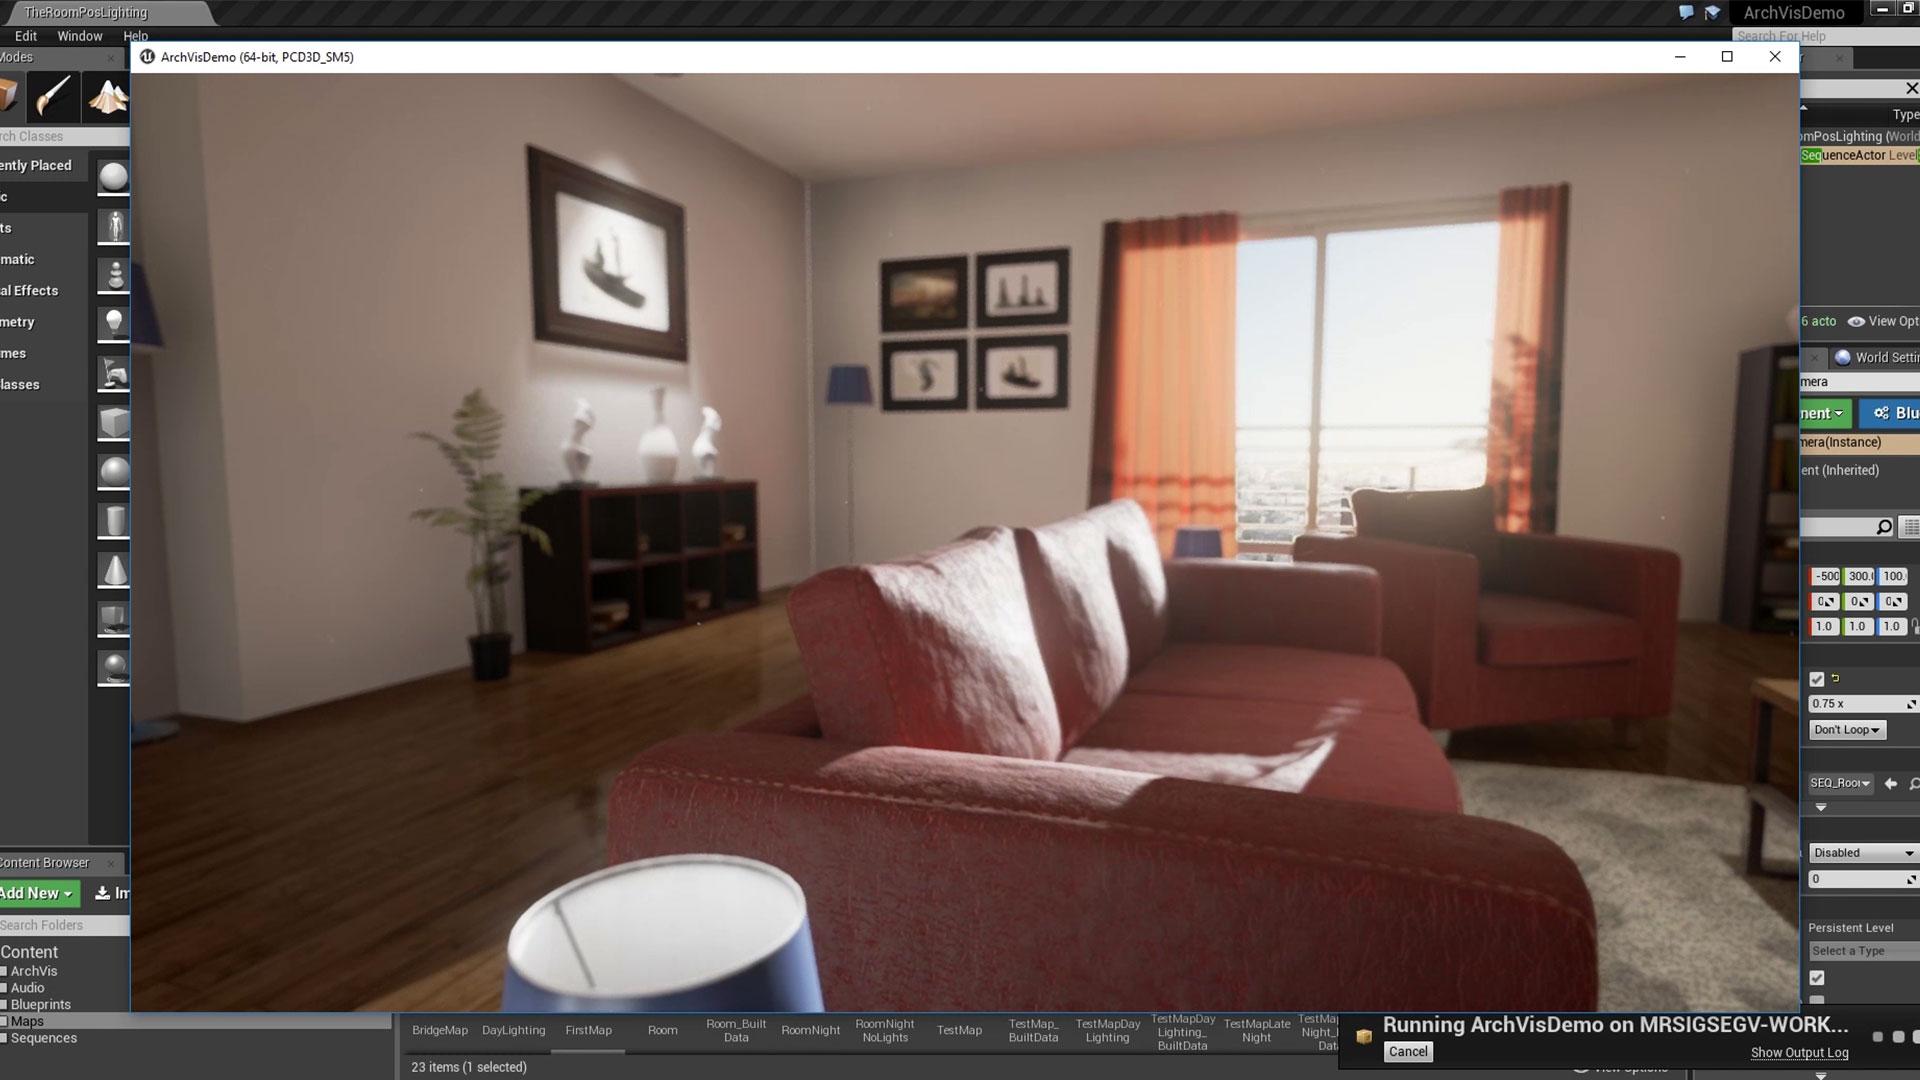 El apartamento: Arch Viz